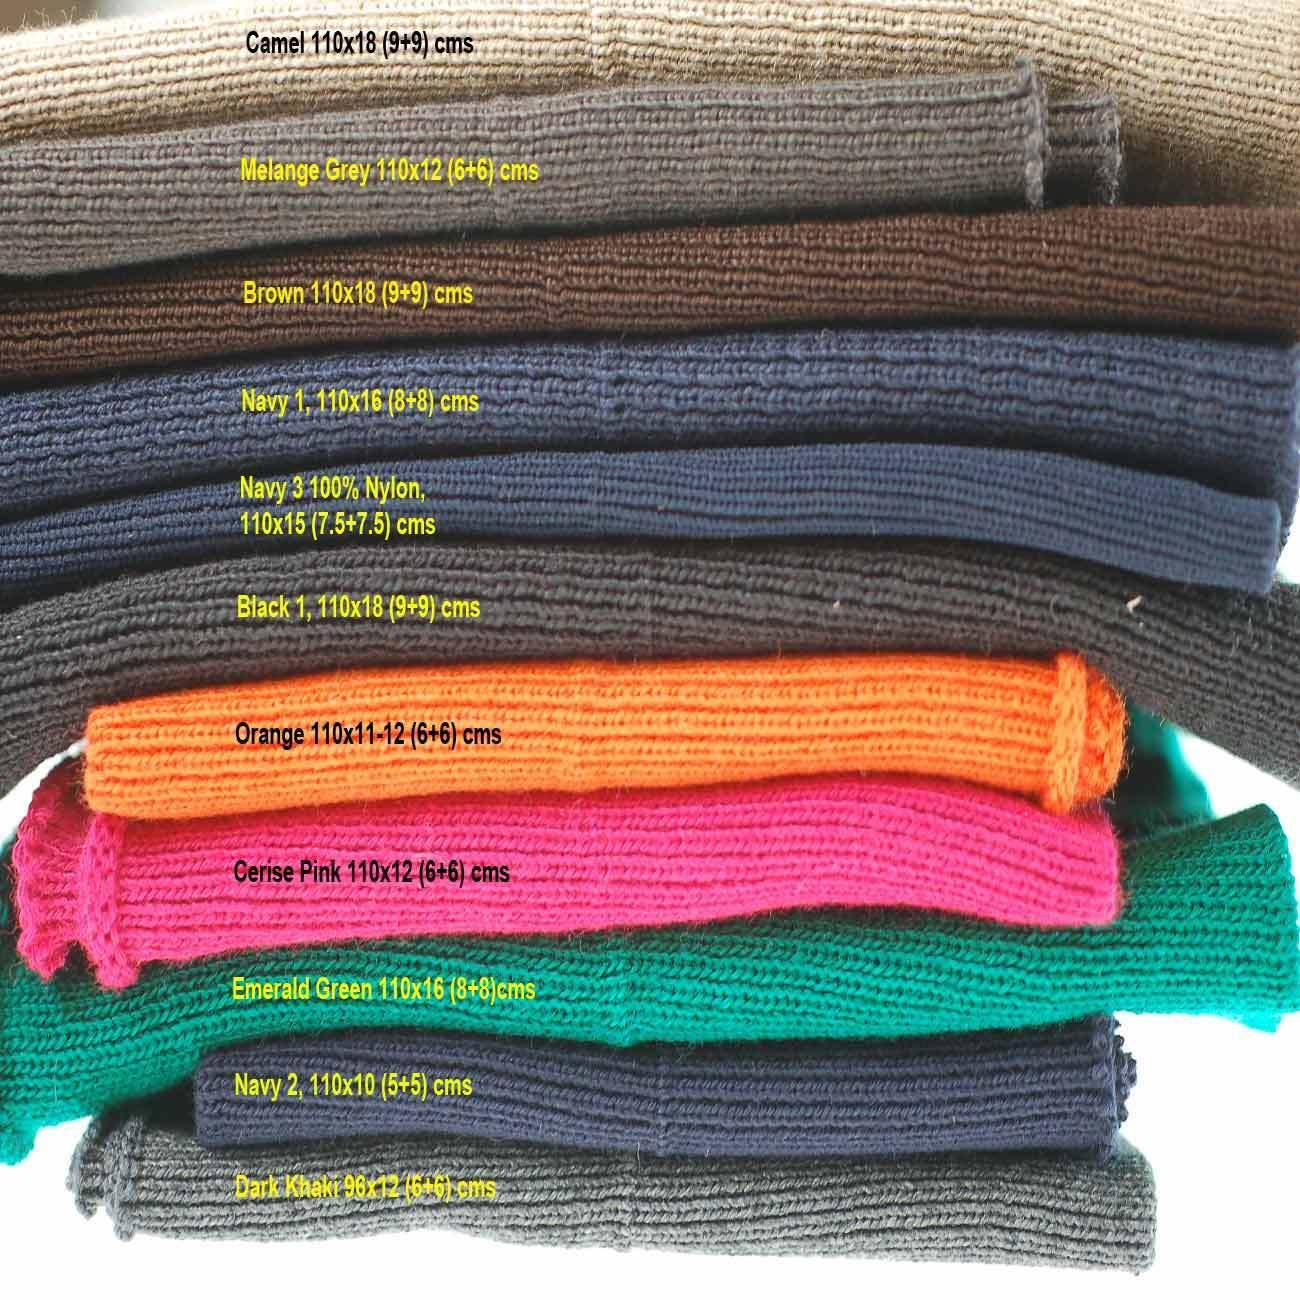 e3879c4ab3 Dettagli su A maglia Fascia vita Tessuto Costine, Materiale Elastico, 11  Colori Al Metro